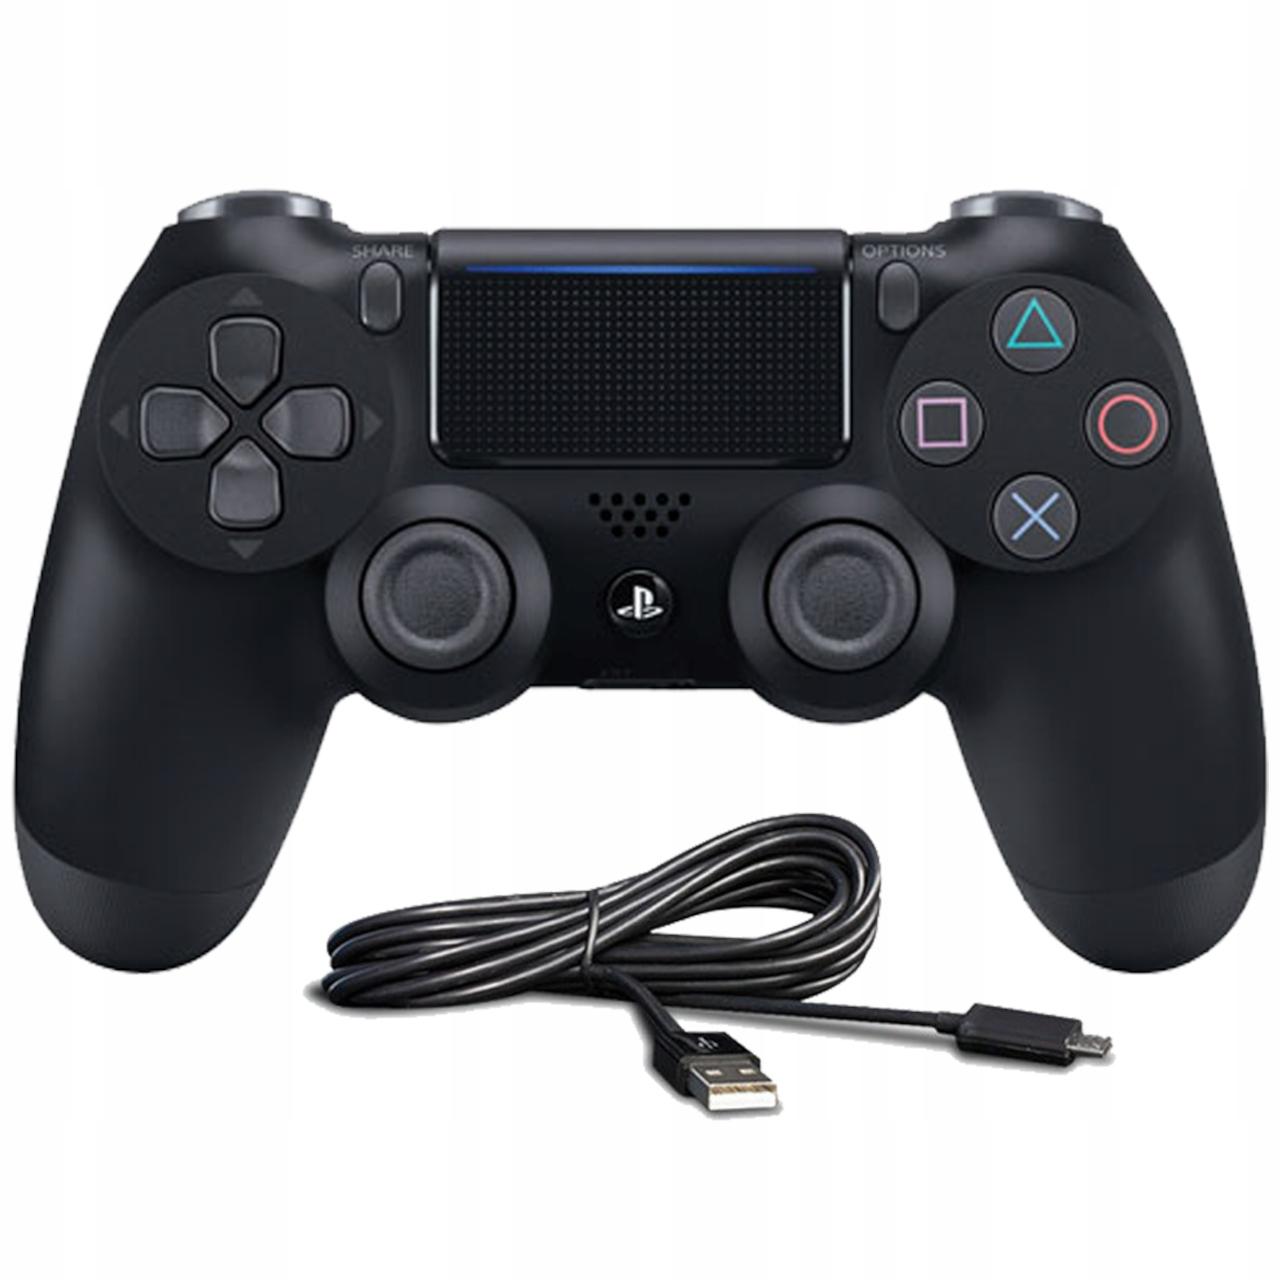 DualShock 4 V2 Pad PS4 SLIM PRO ORYGINAŁ + KABEL